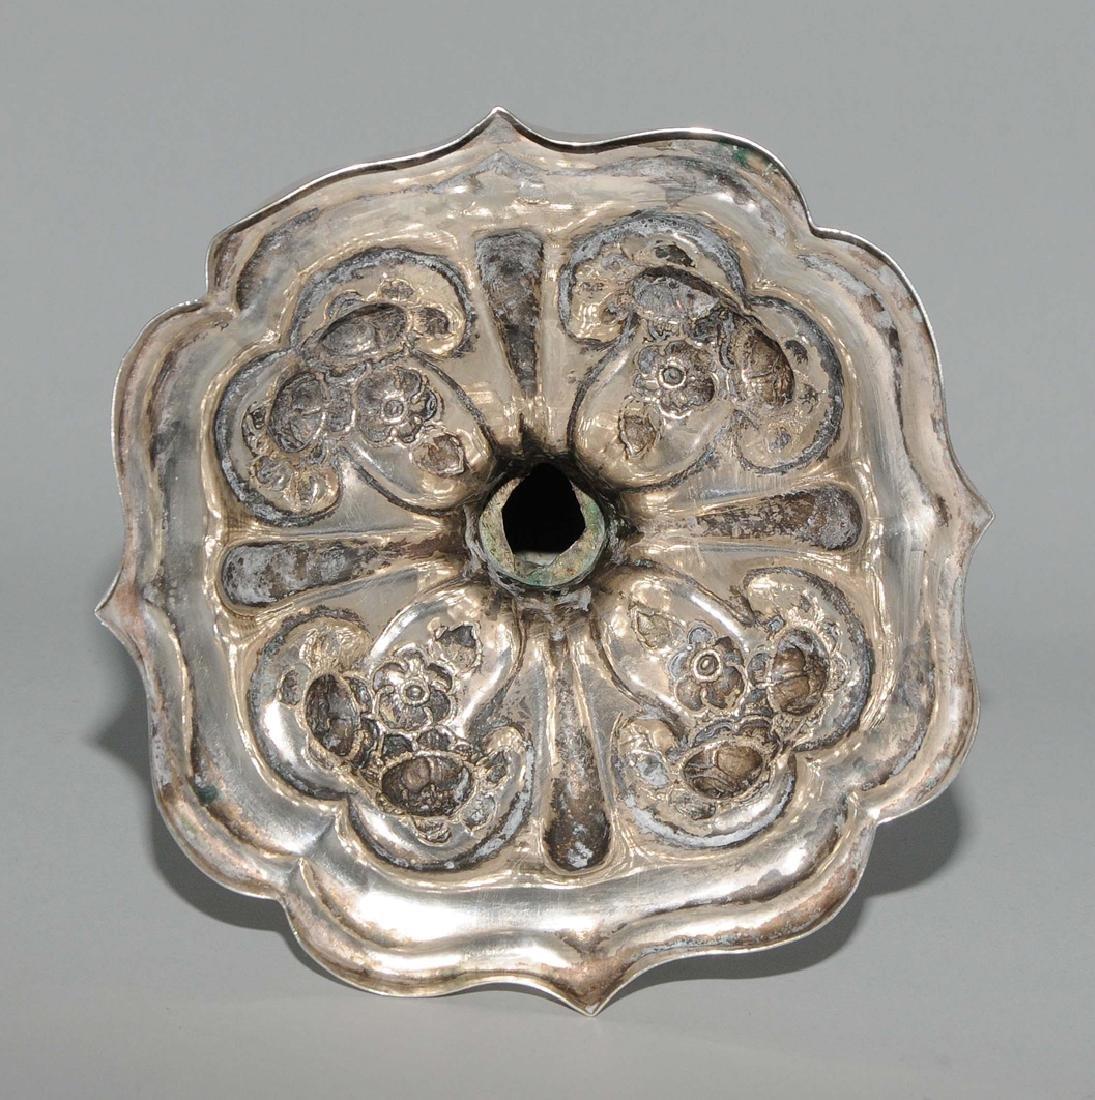 Girandole Wien, 1861, Silber. Meistermarke TD, wohl - 7